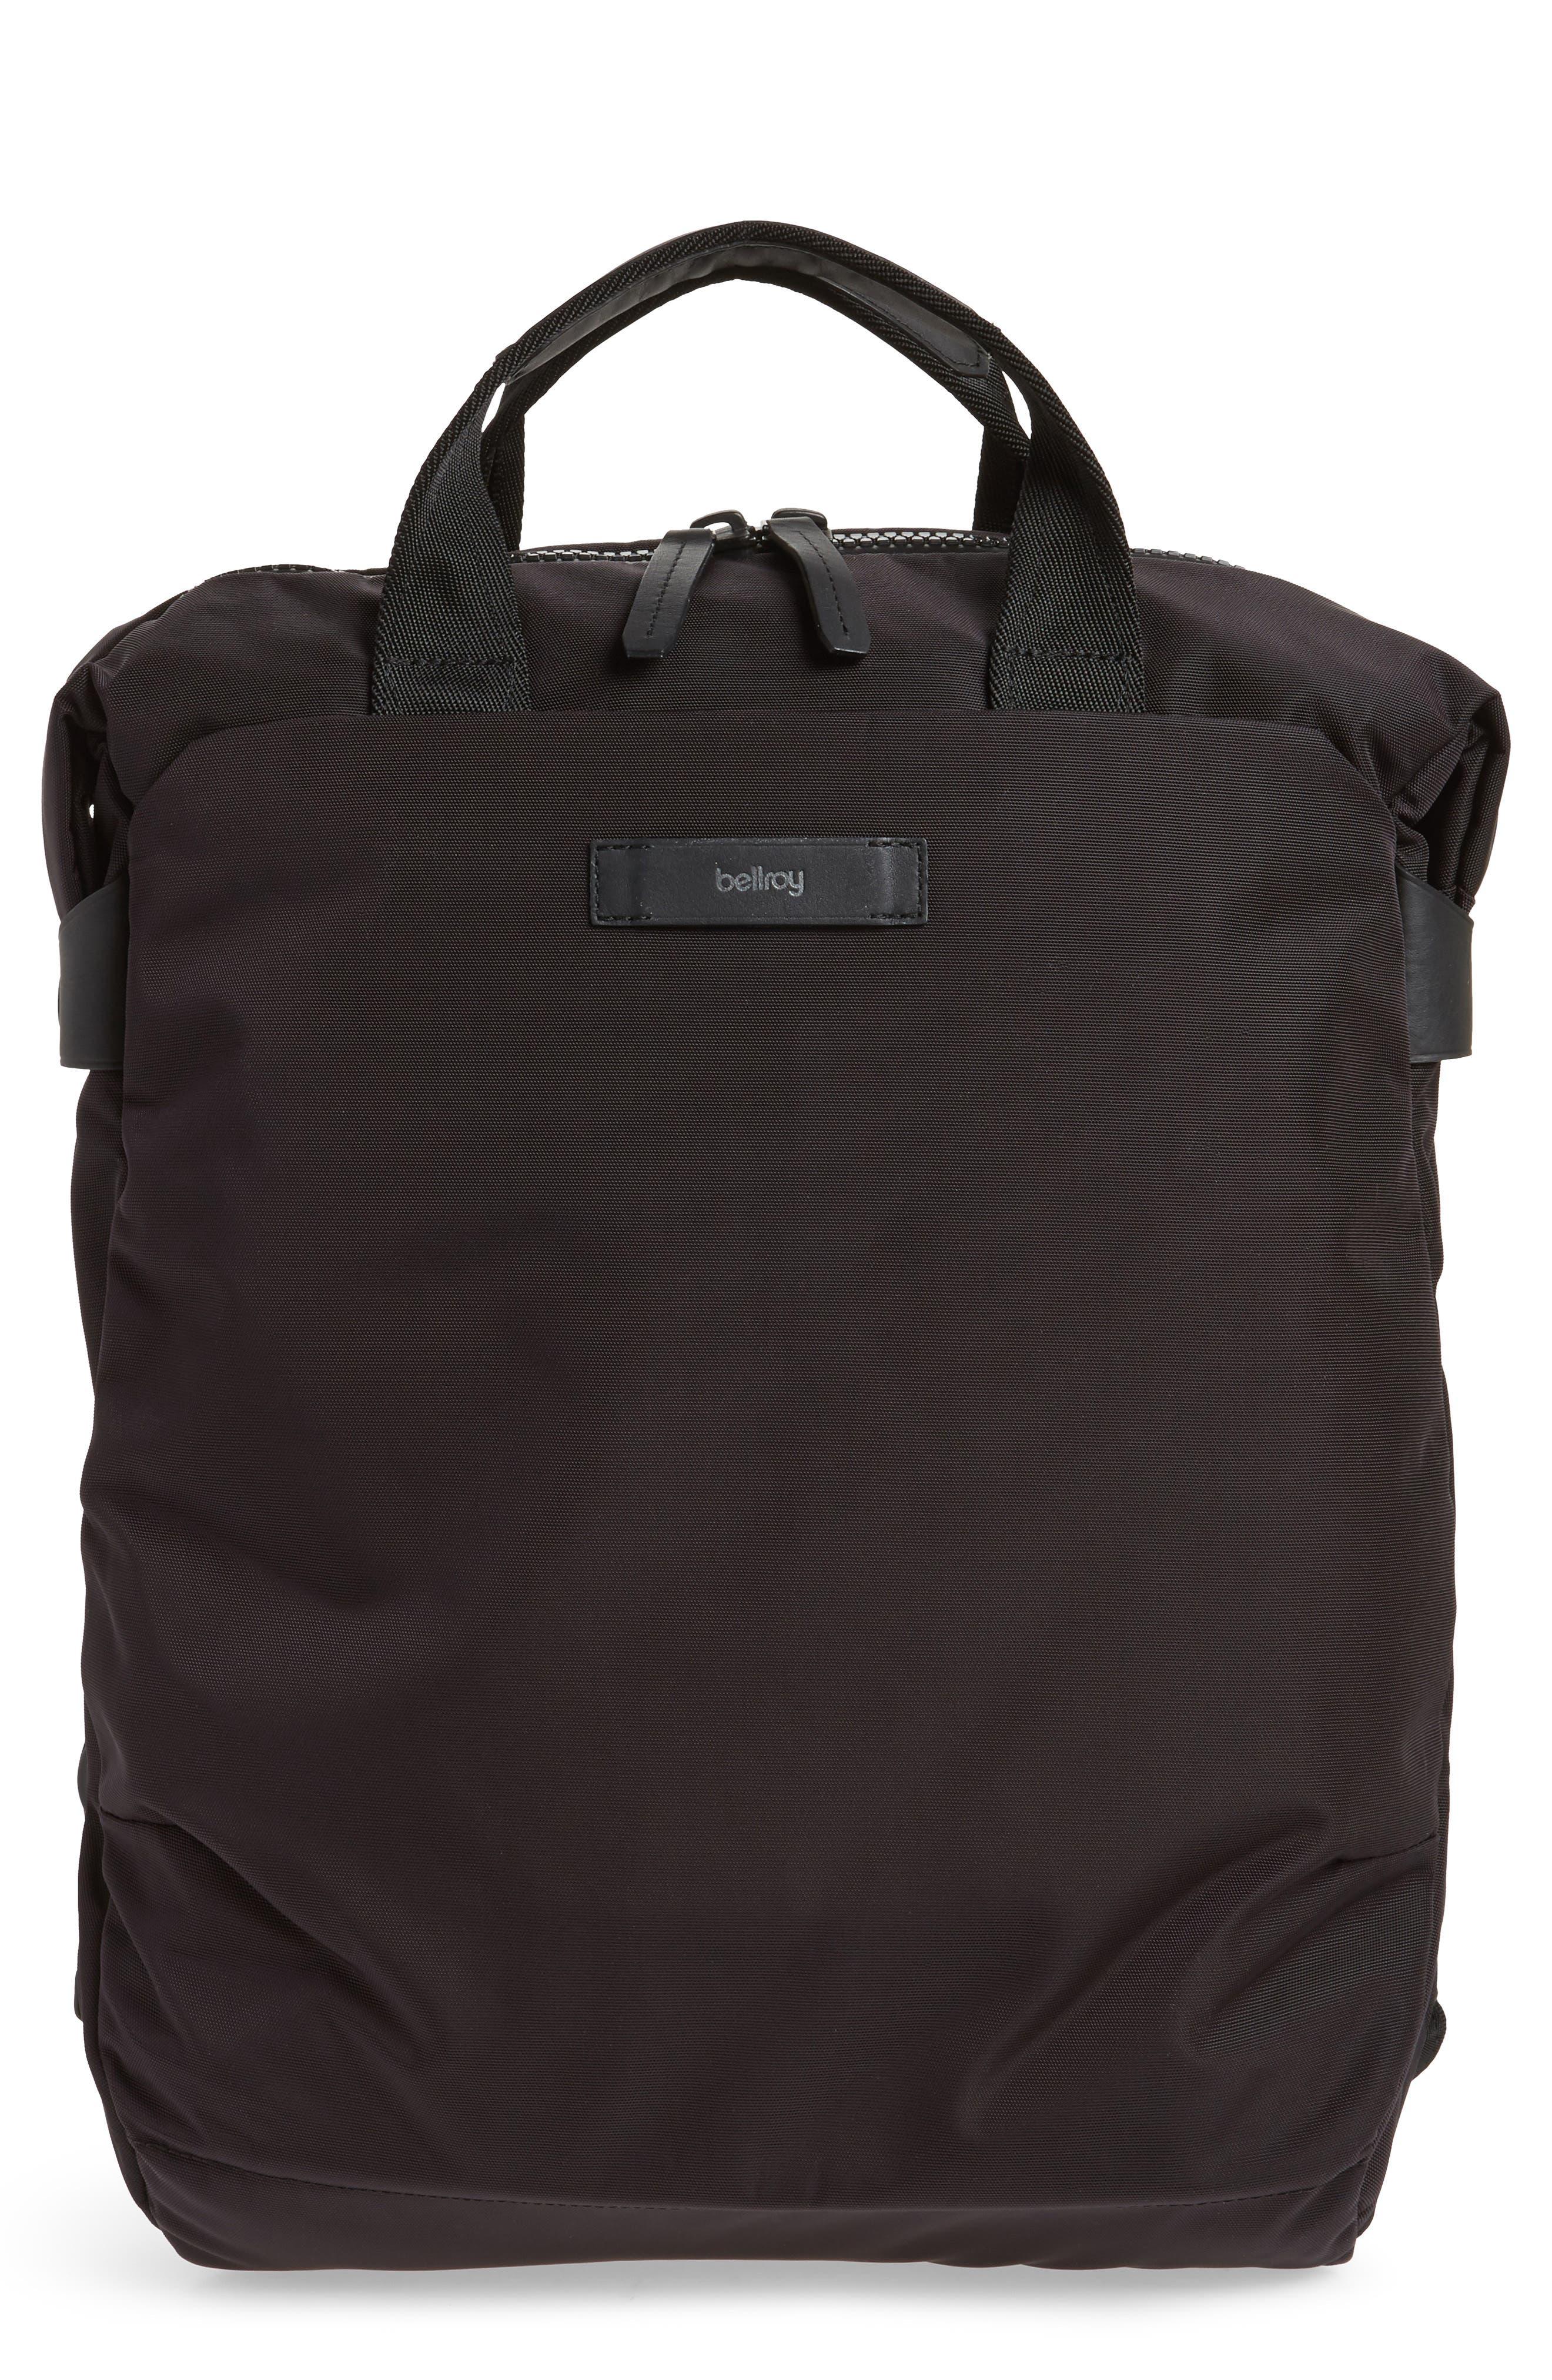 Duo Convertible Backpack,                             Main thumbnail 1, color,                             001